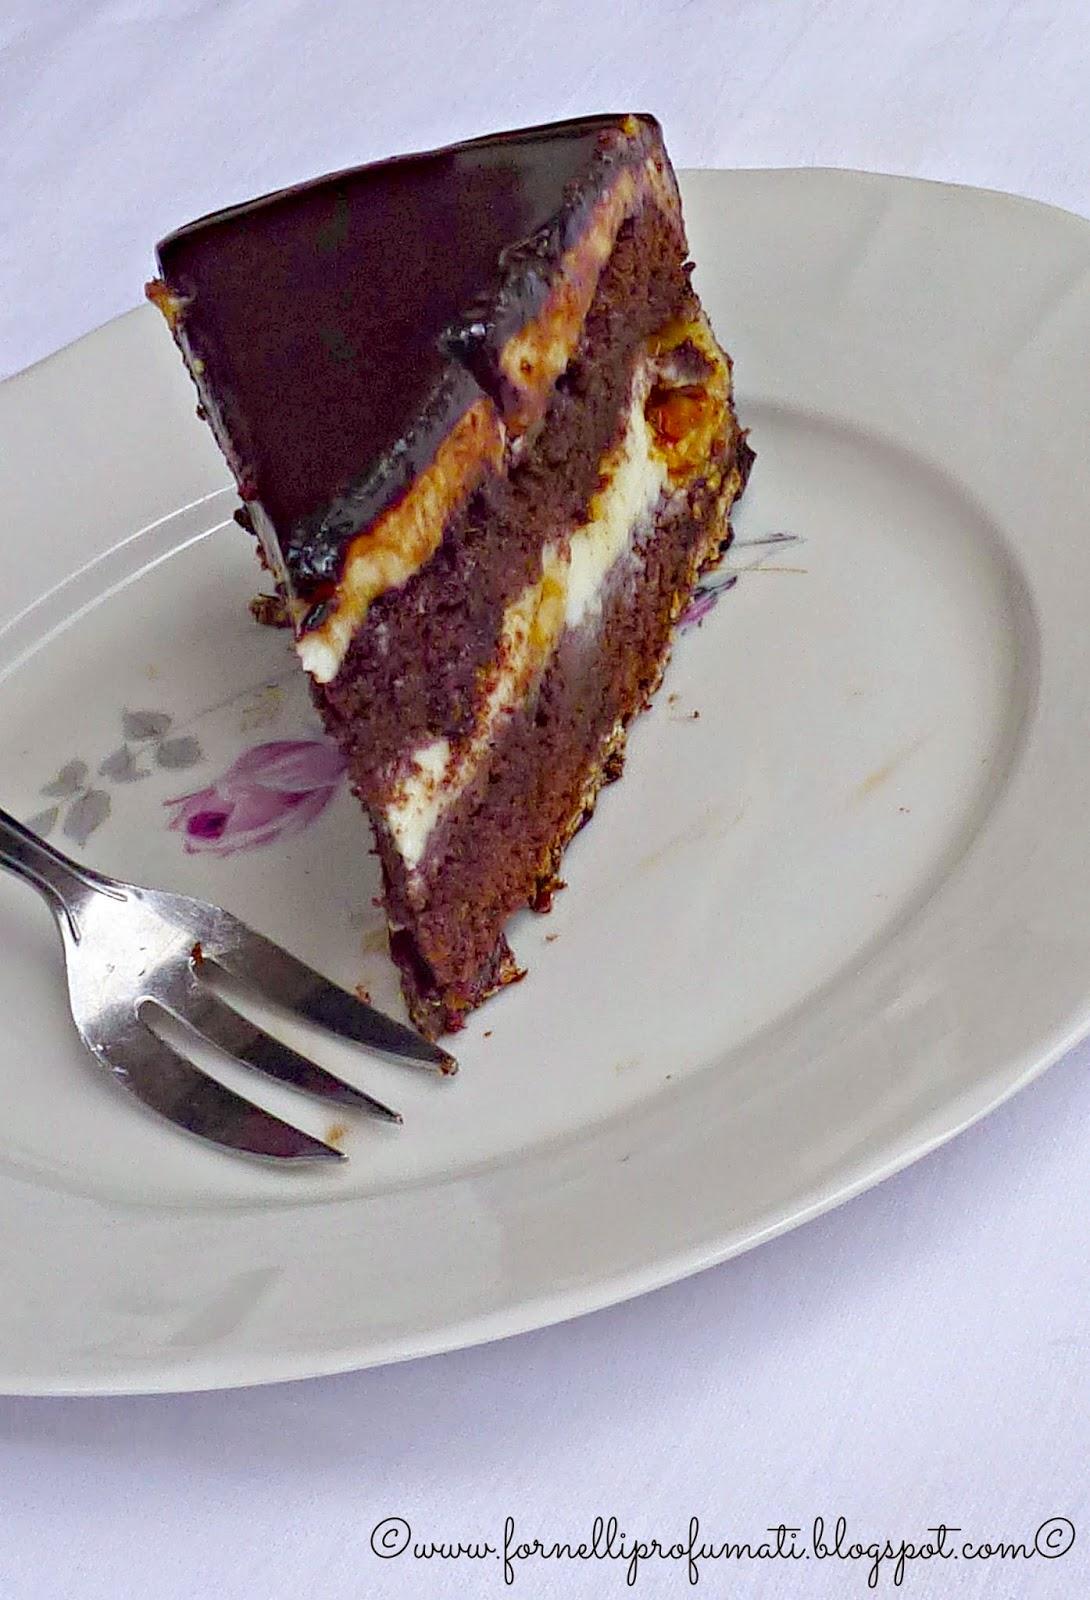 Torta al cioccolato namelaka e croccante fornelli profumati - Glassa a specchio su pan di spagna ...